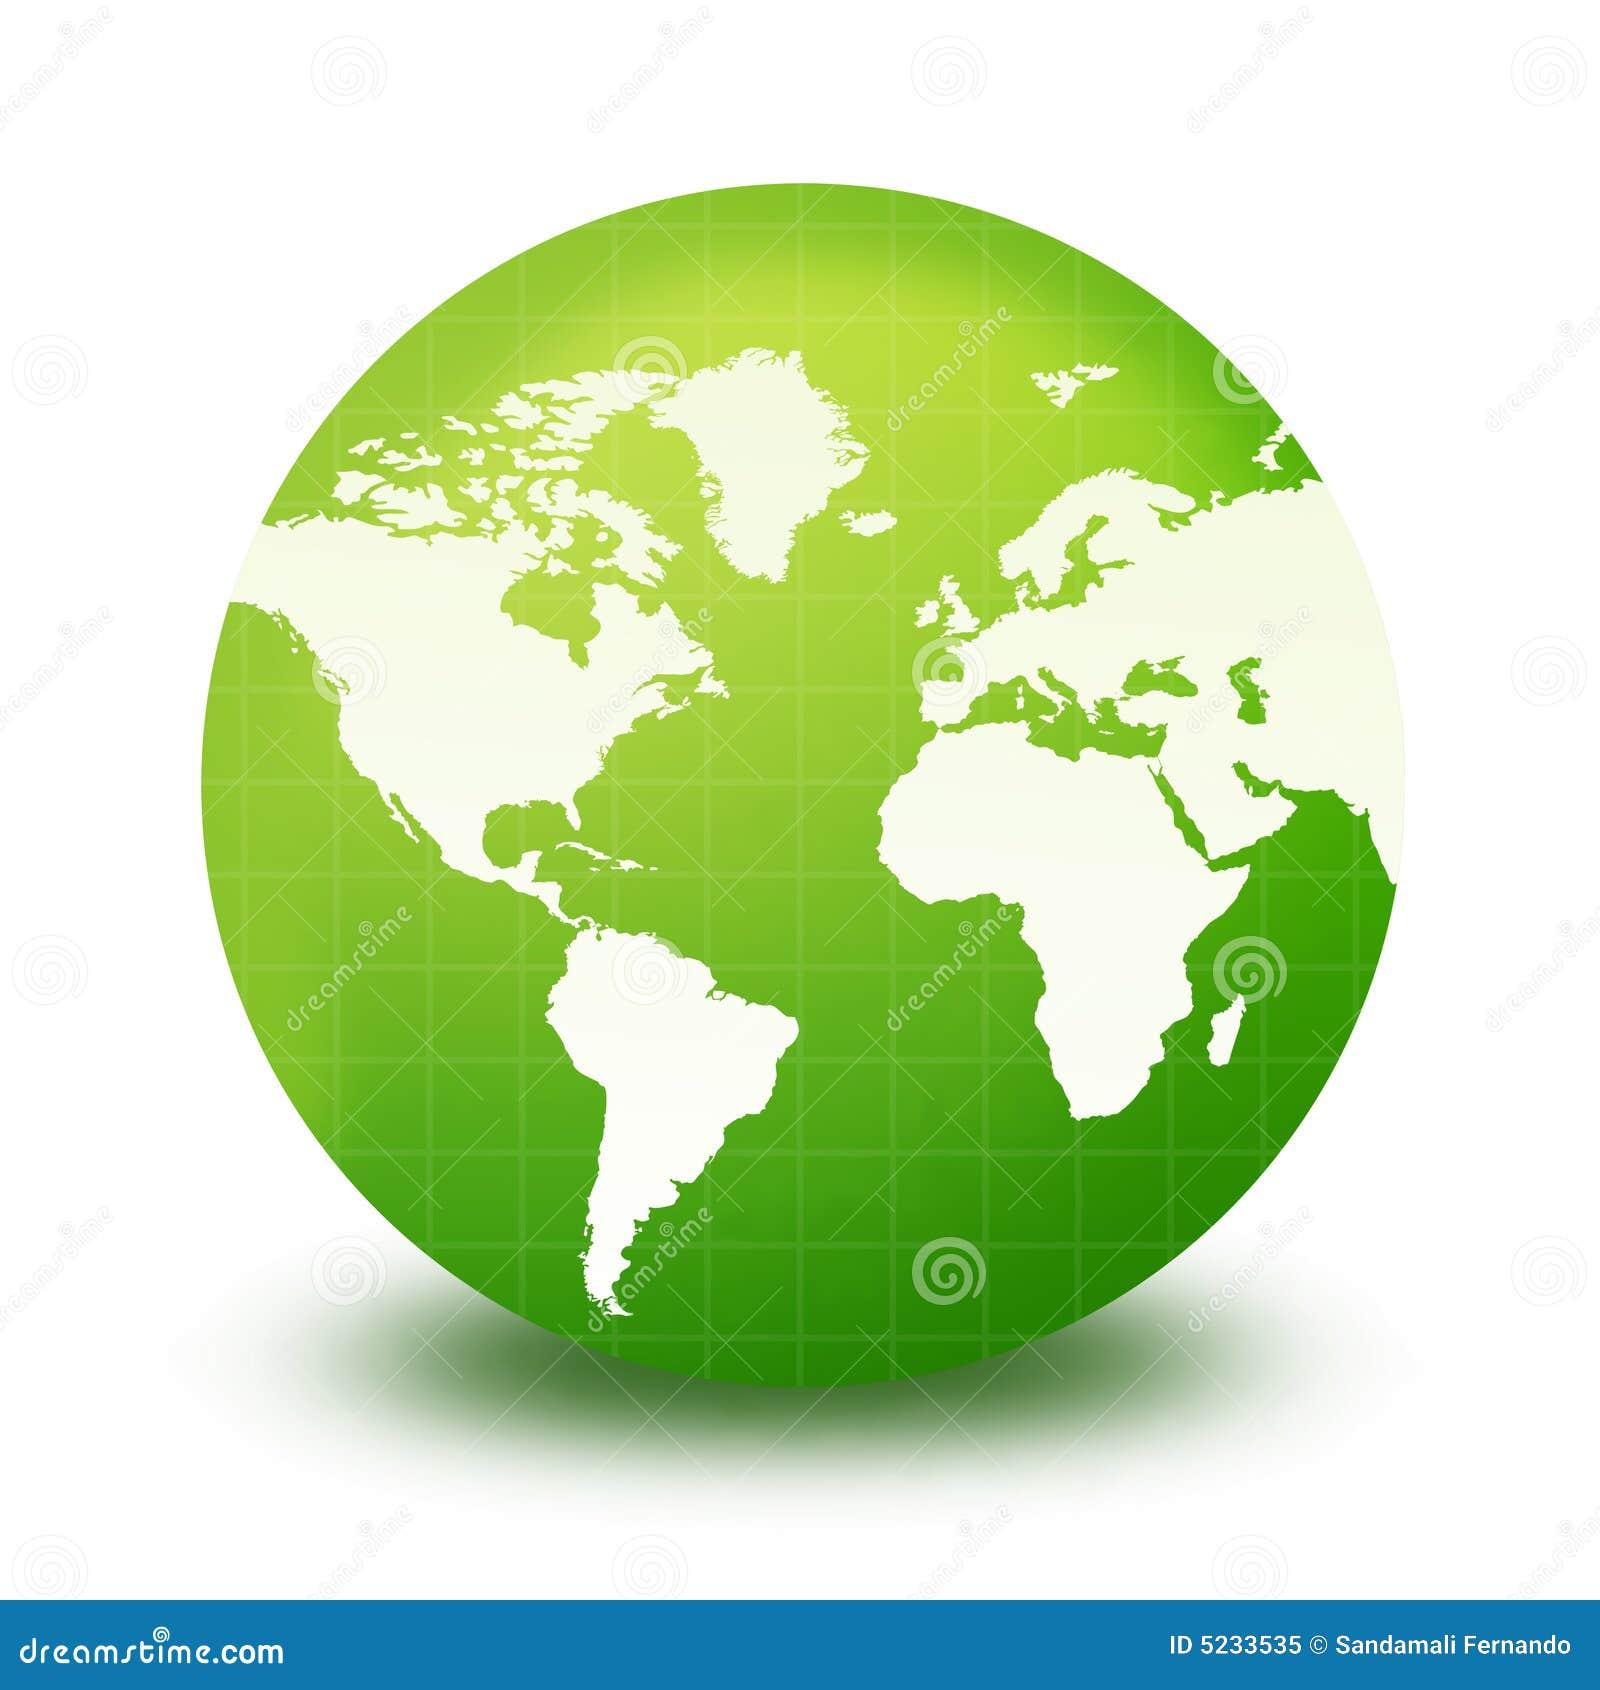 globe du monde photo libre de droits image 5233535. Black Bedroom Furniture Sets. Home Design Ideas